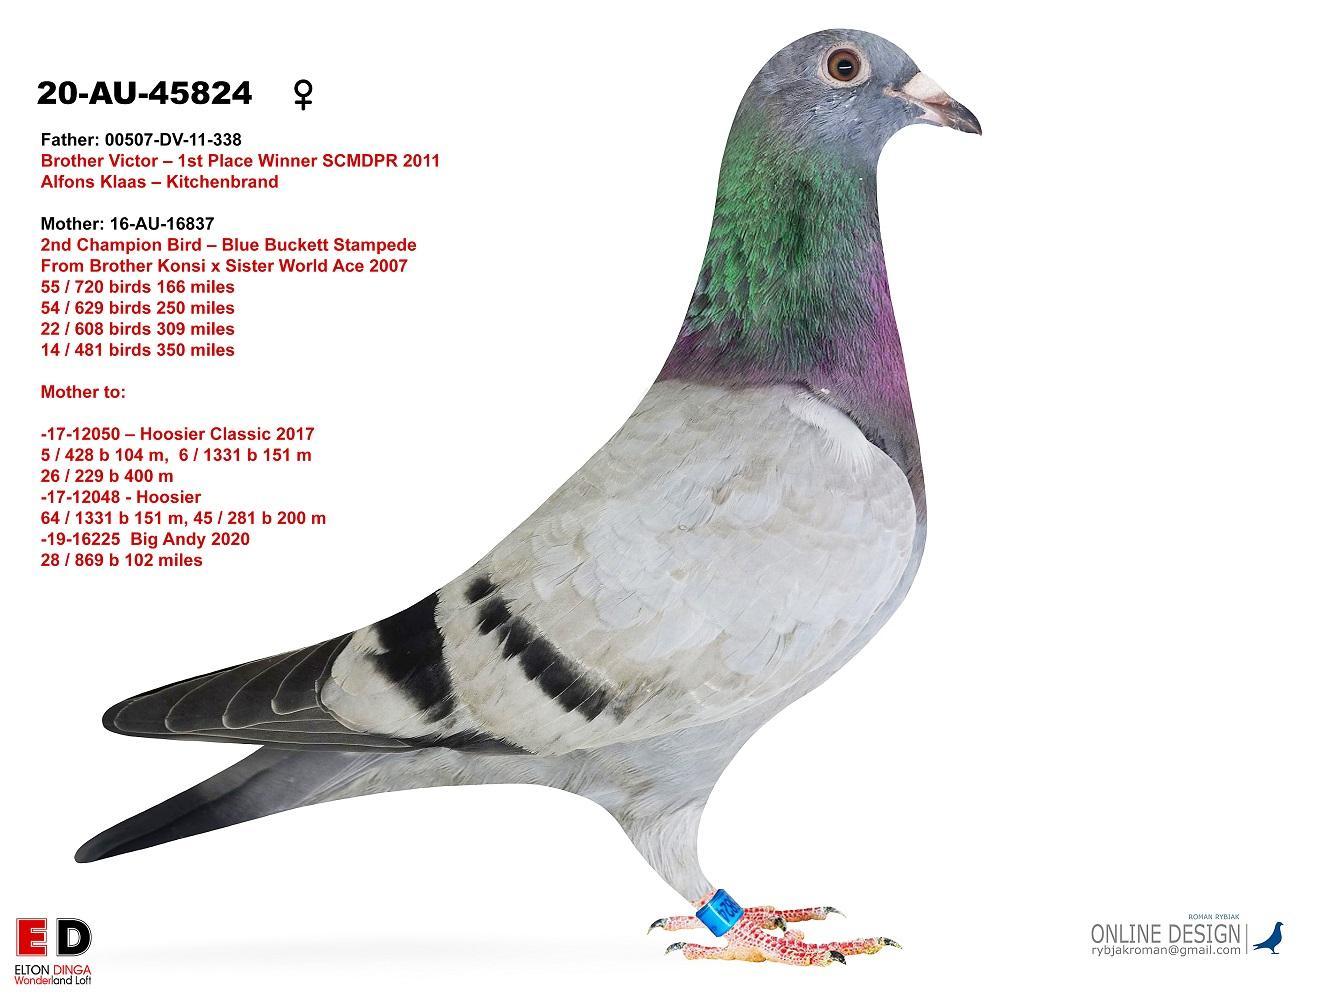 Hoosier! Sibling 6 vs 1,331 birds 151 miles, 2018. 45824 Hen